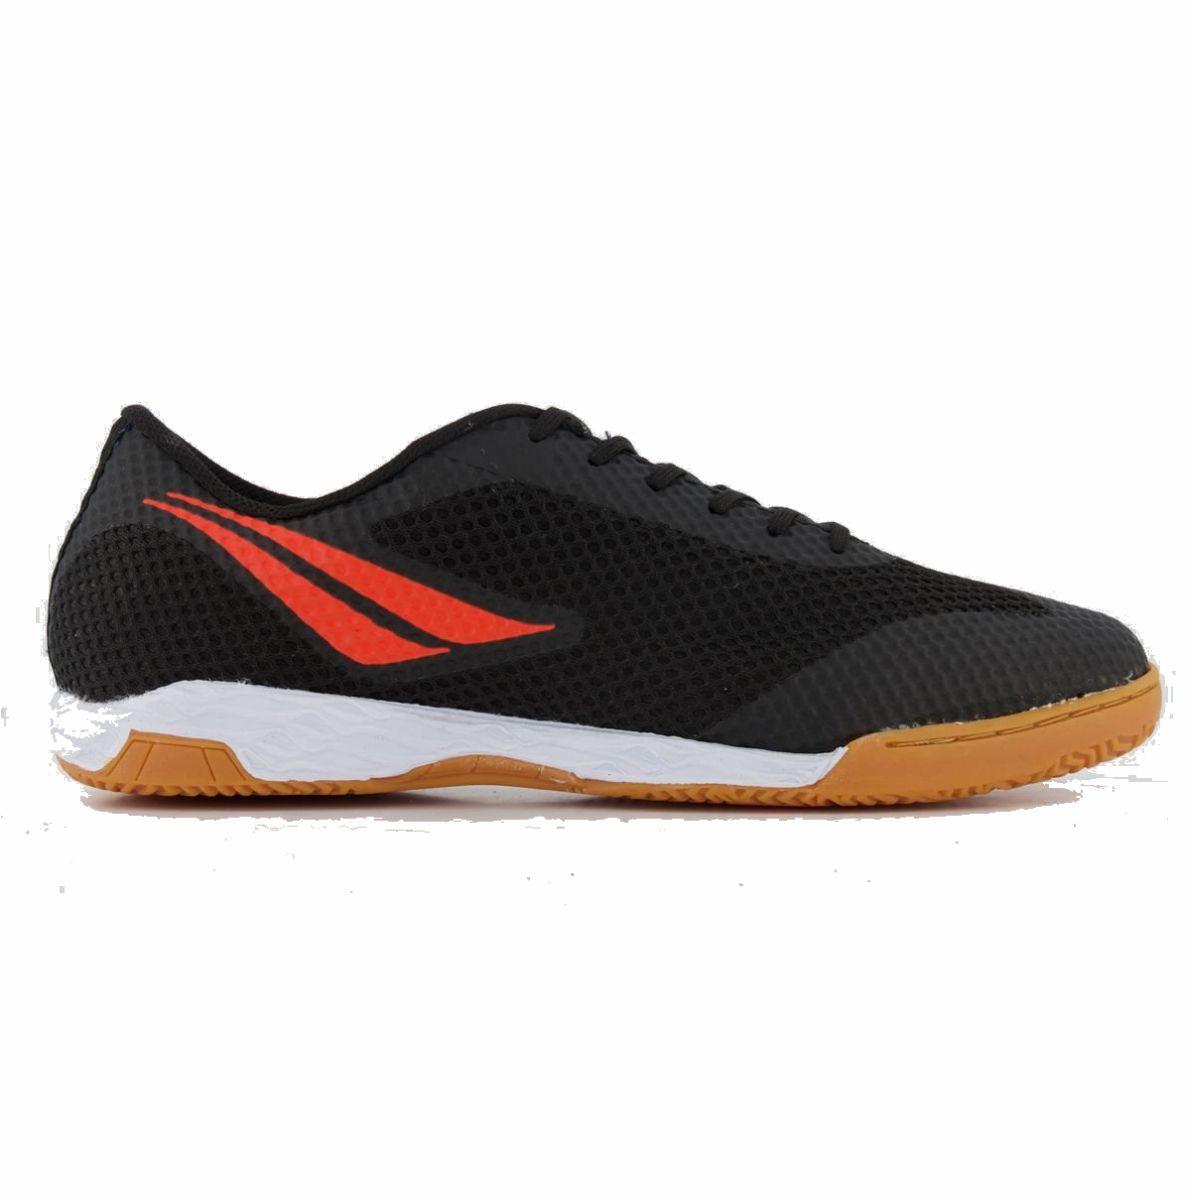 Tenis Penalty Max 500 IX Chuteira Futsal Profissional